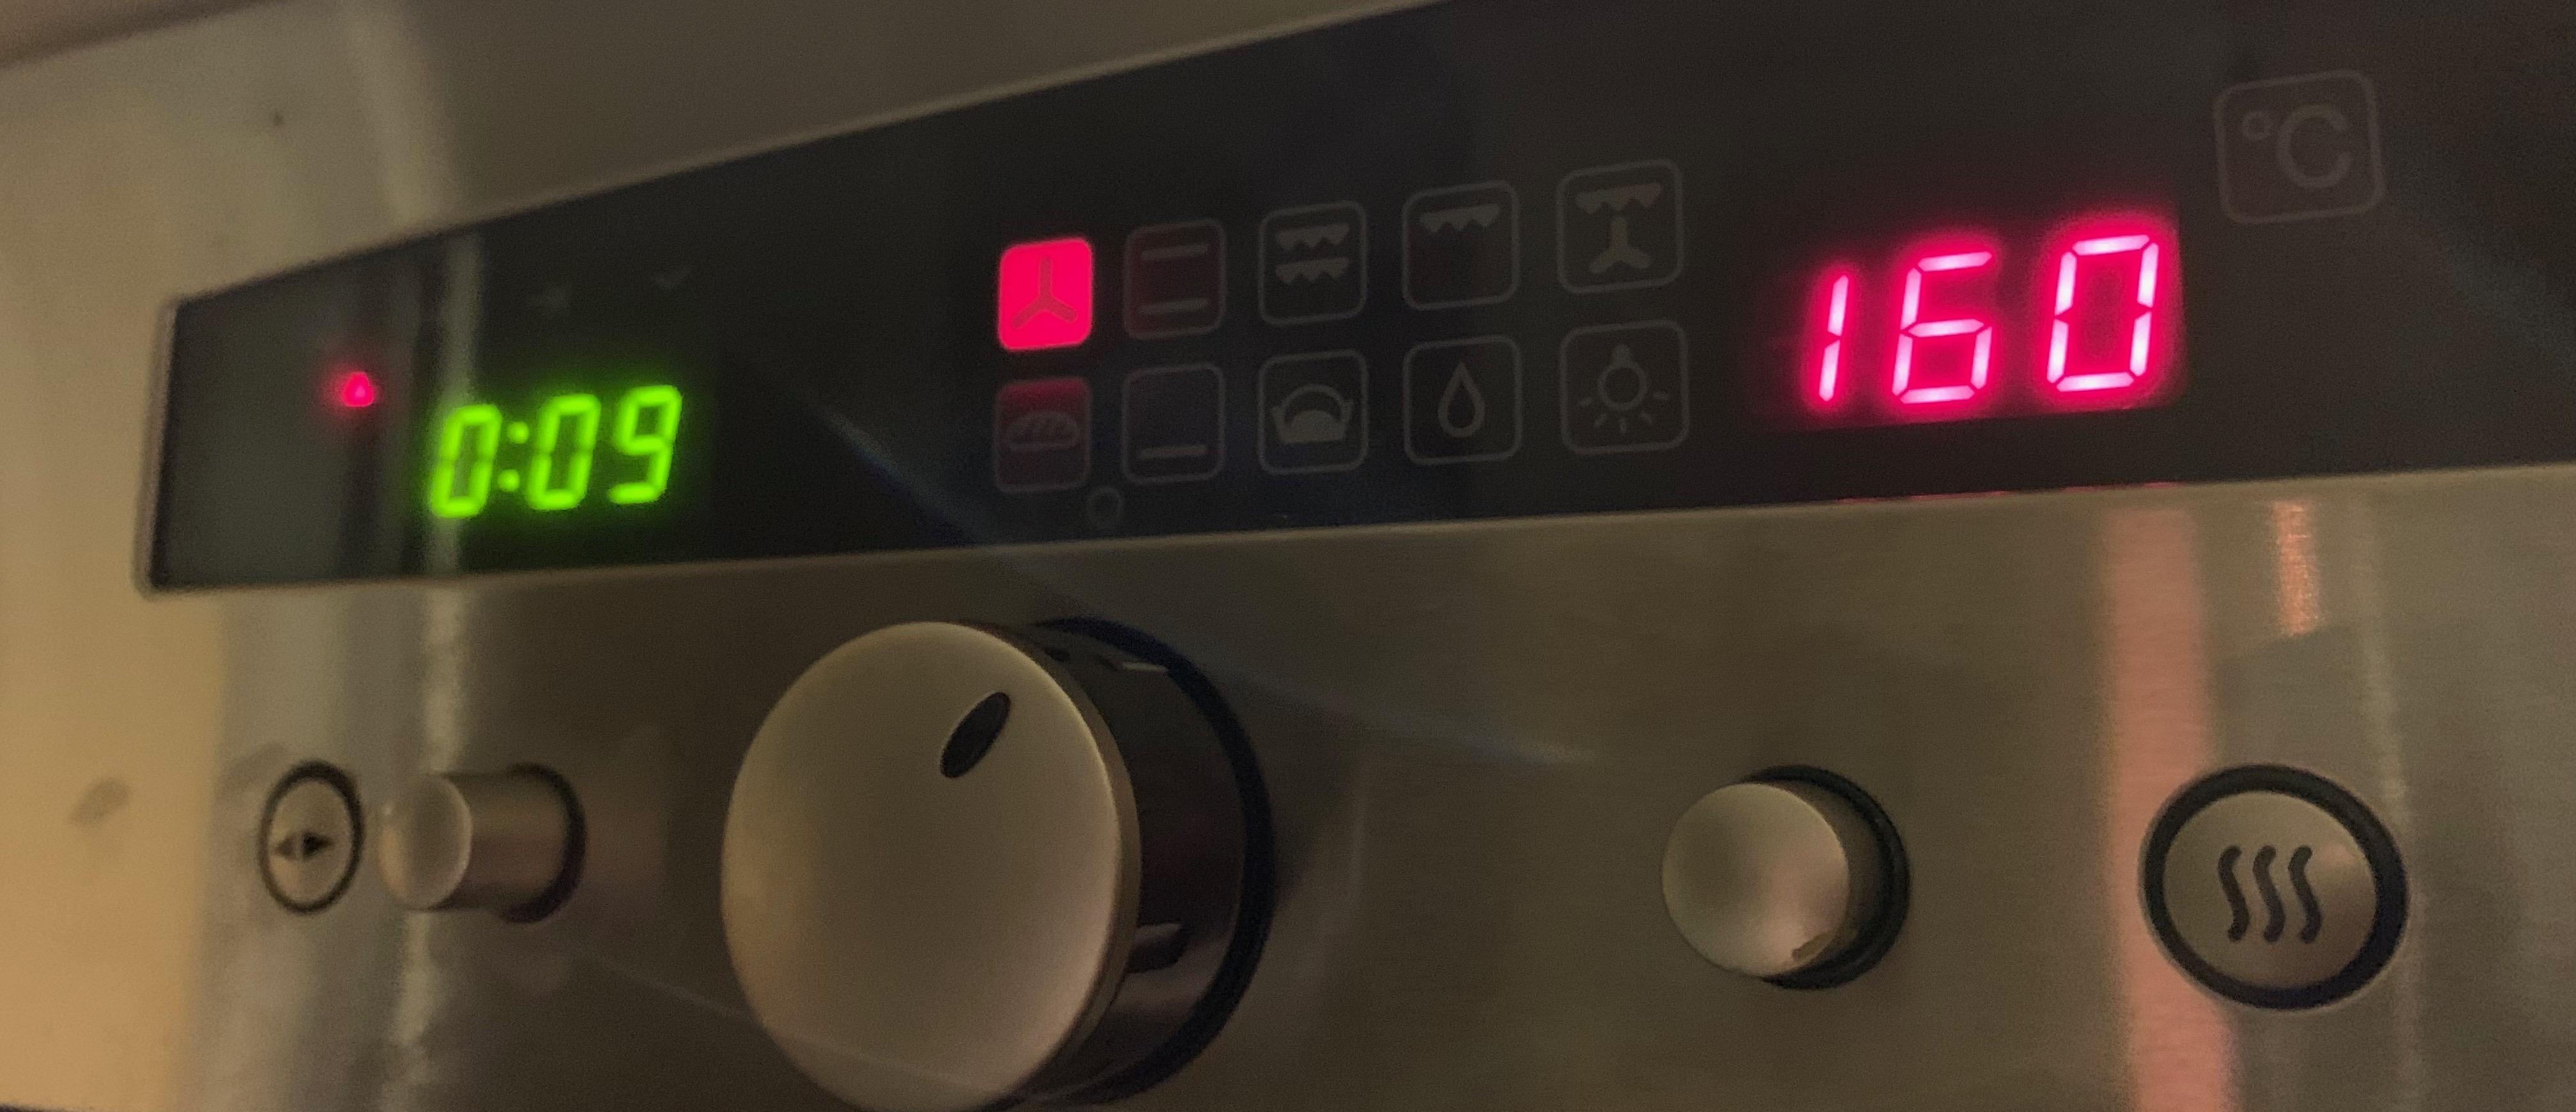 Bckofen vorheiten auf 160°C